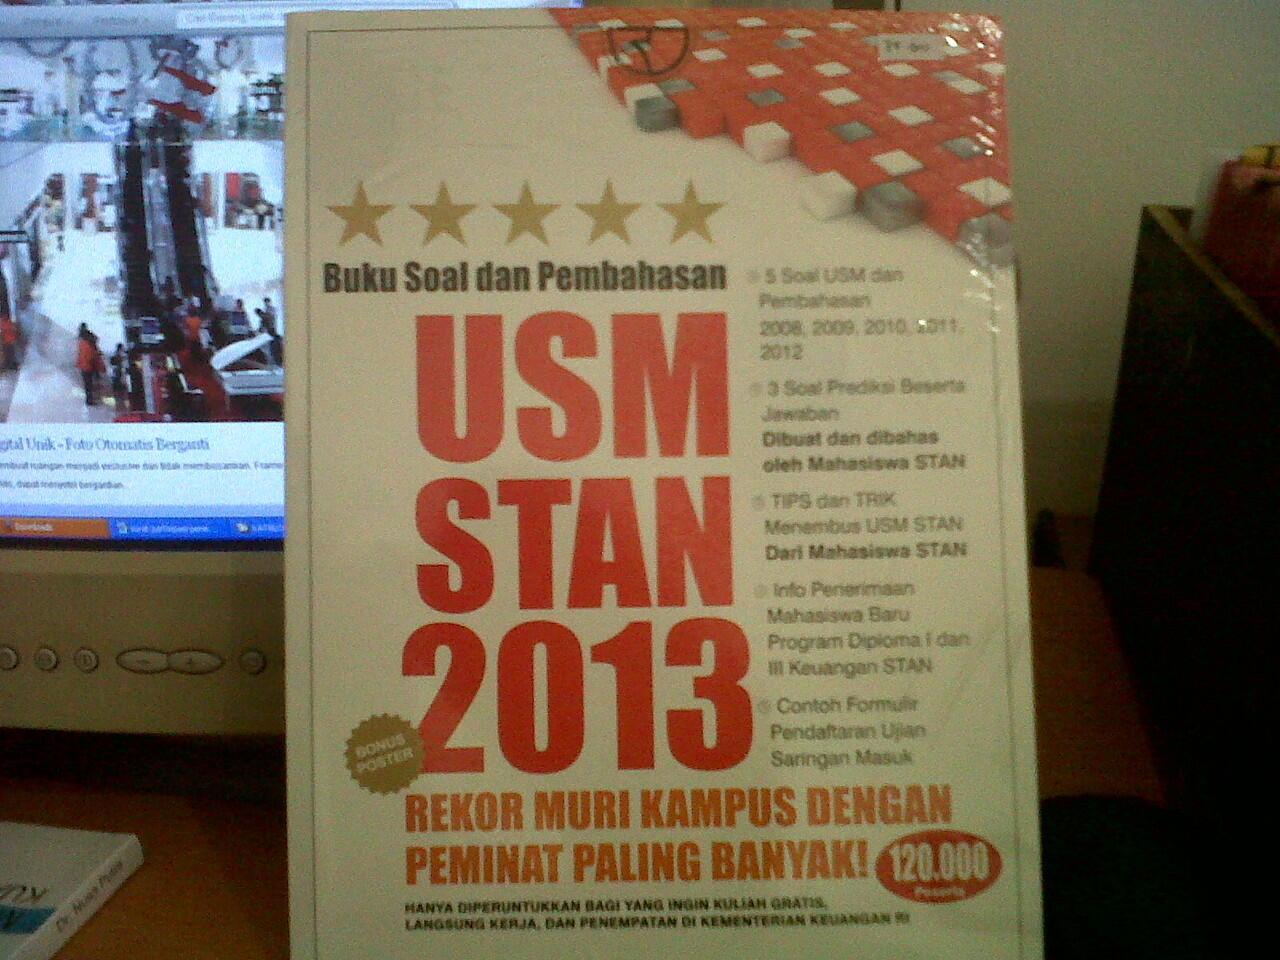 Buku Soal Dan Pembahasan USM STAN 2013 Lengkap